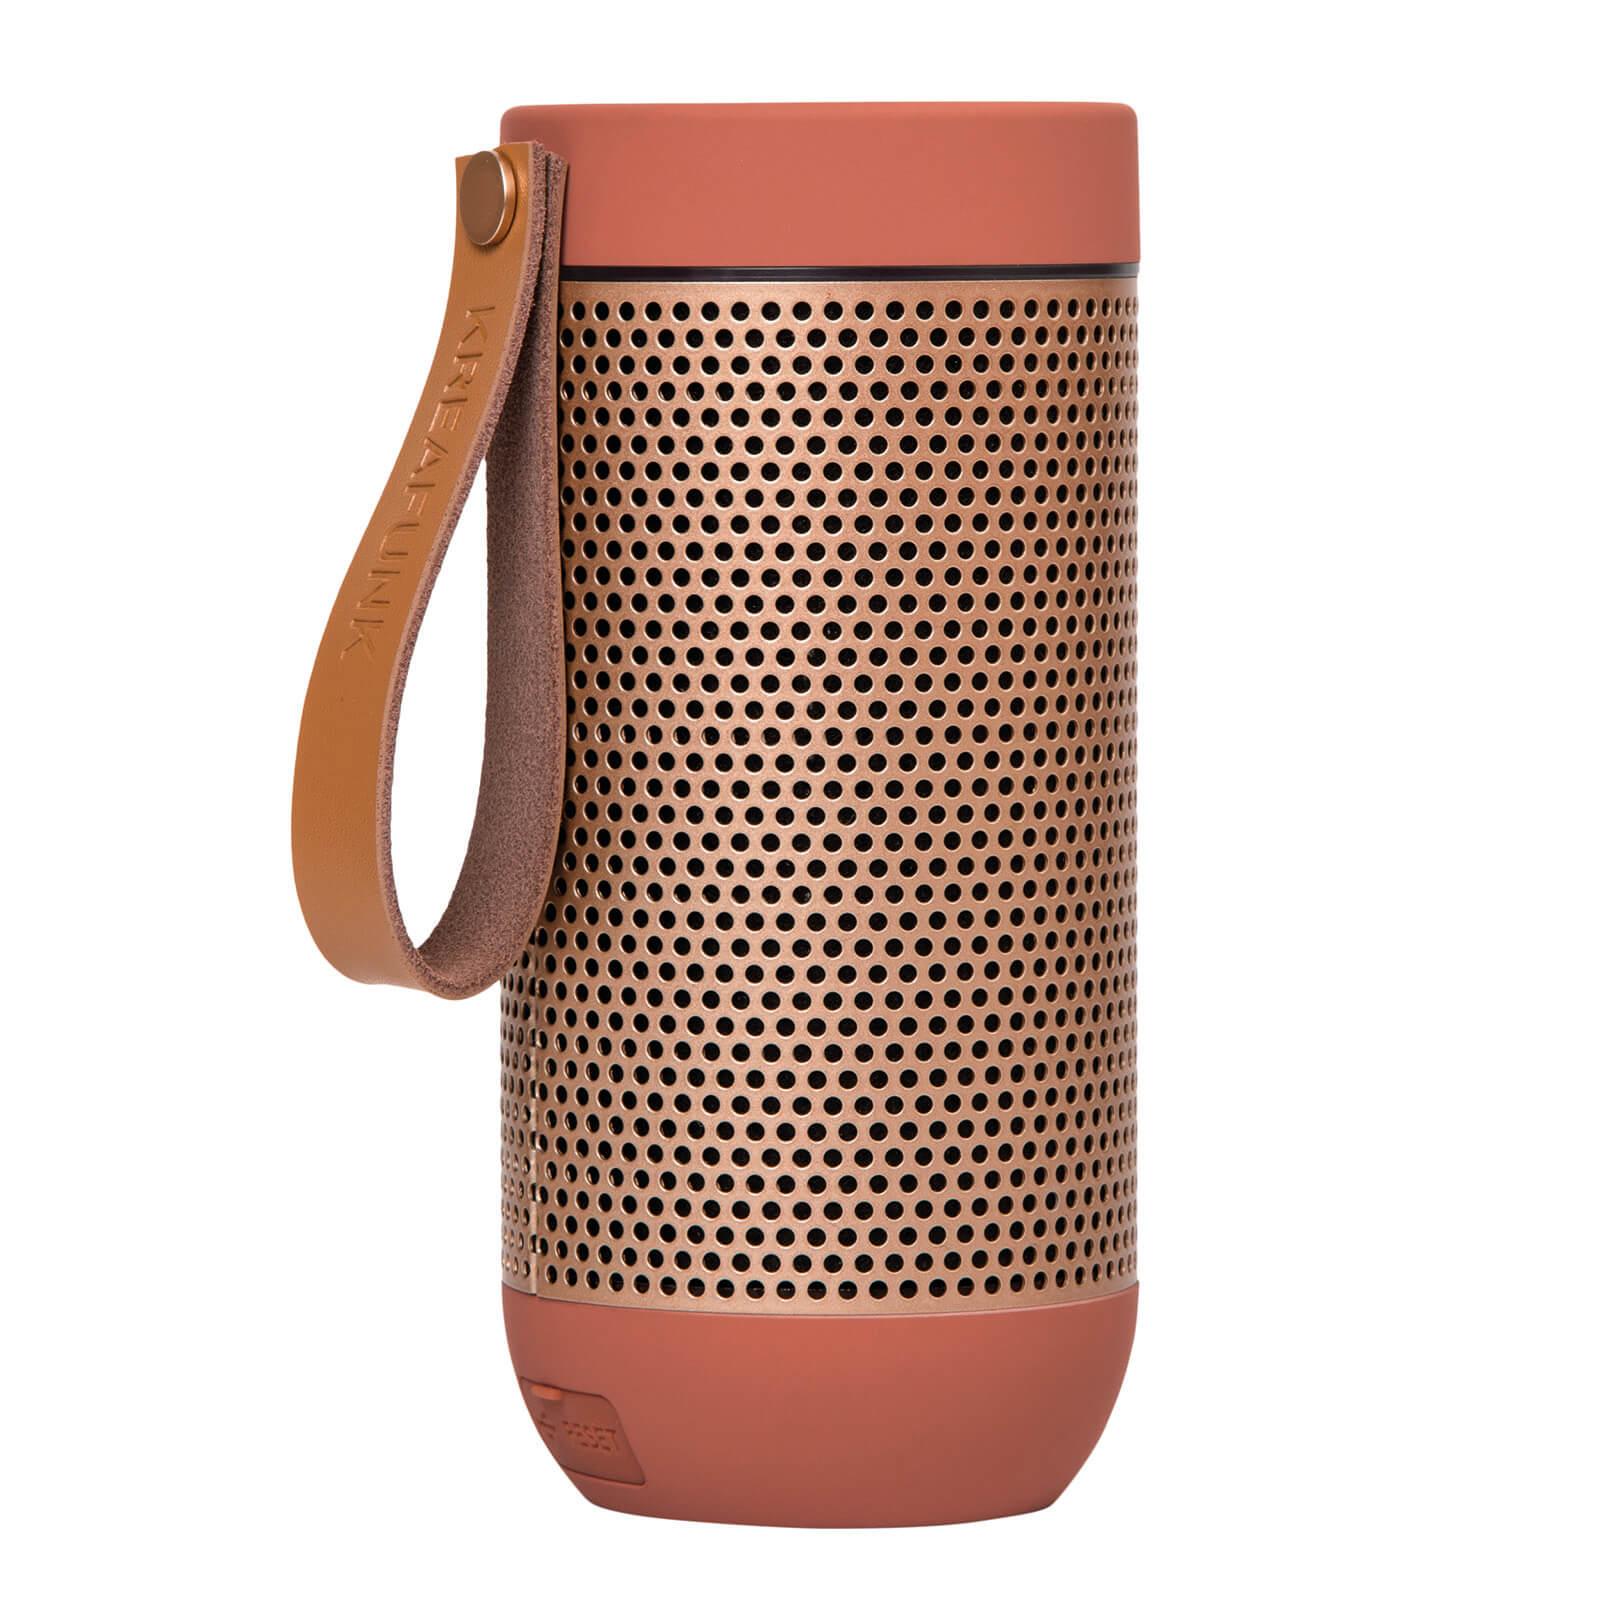 Kreafunk aFUNK 360 Degrees Bluetooth Speaker - Soft Coral/Rose Gold